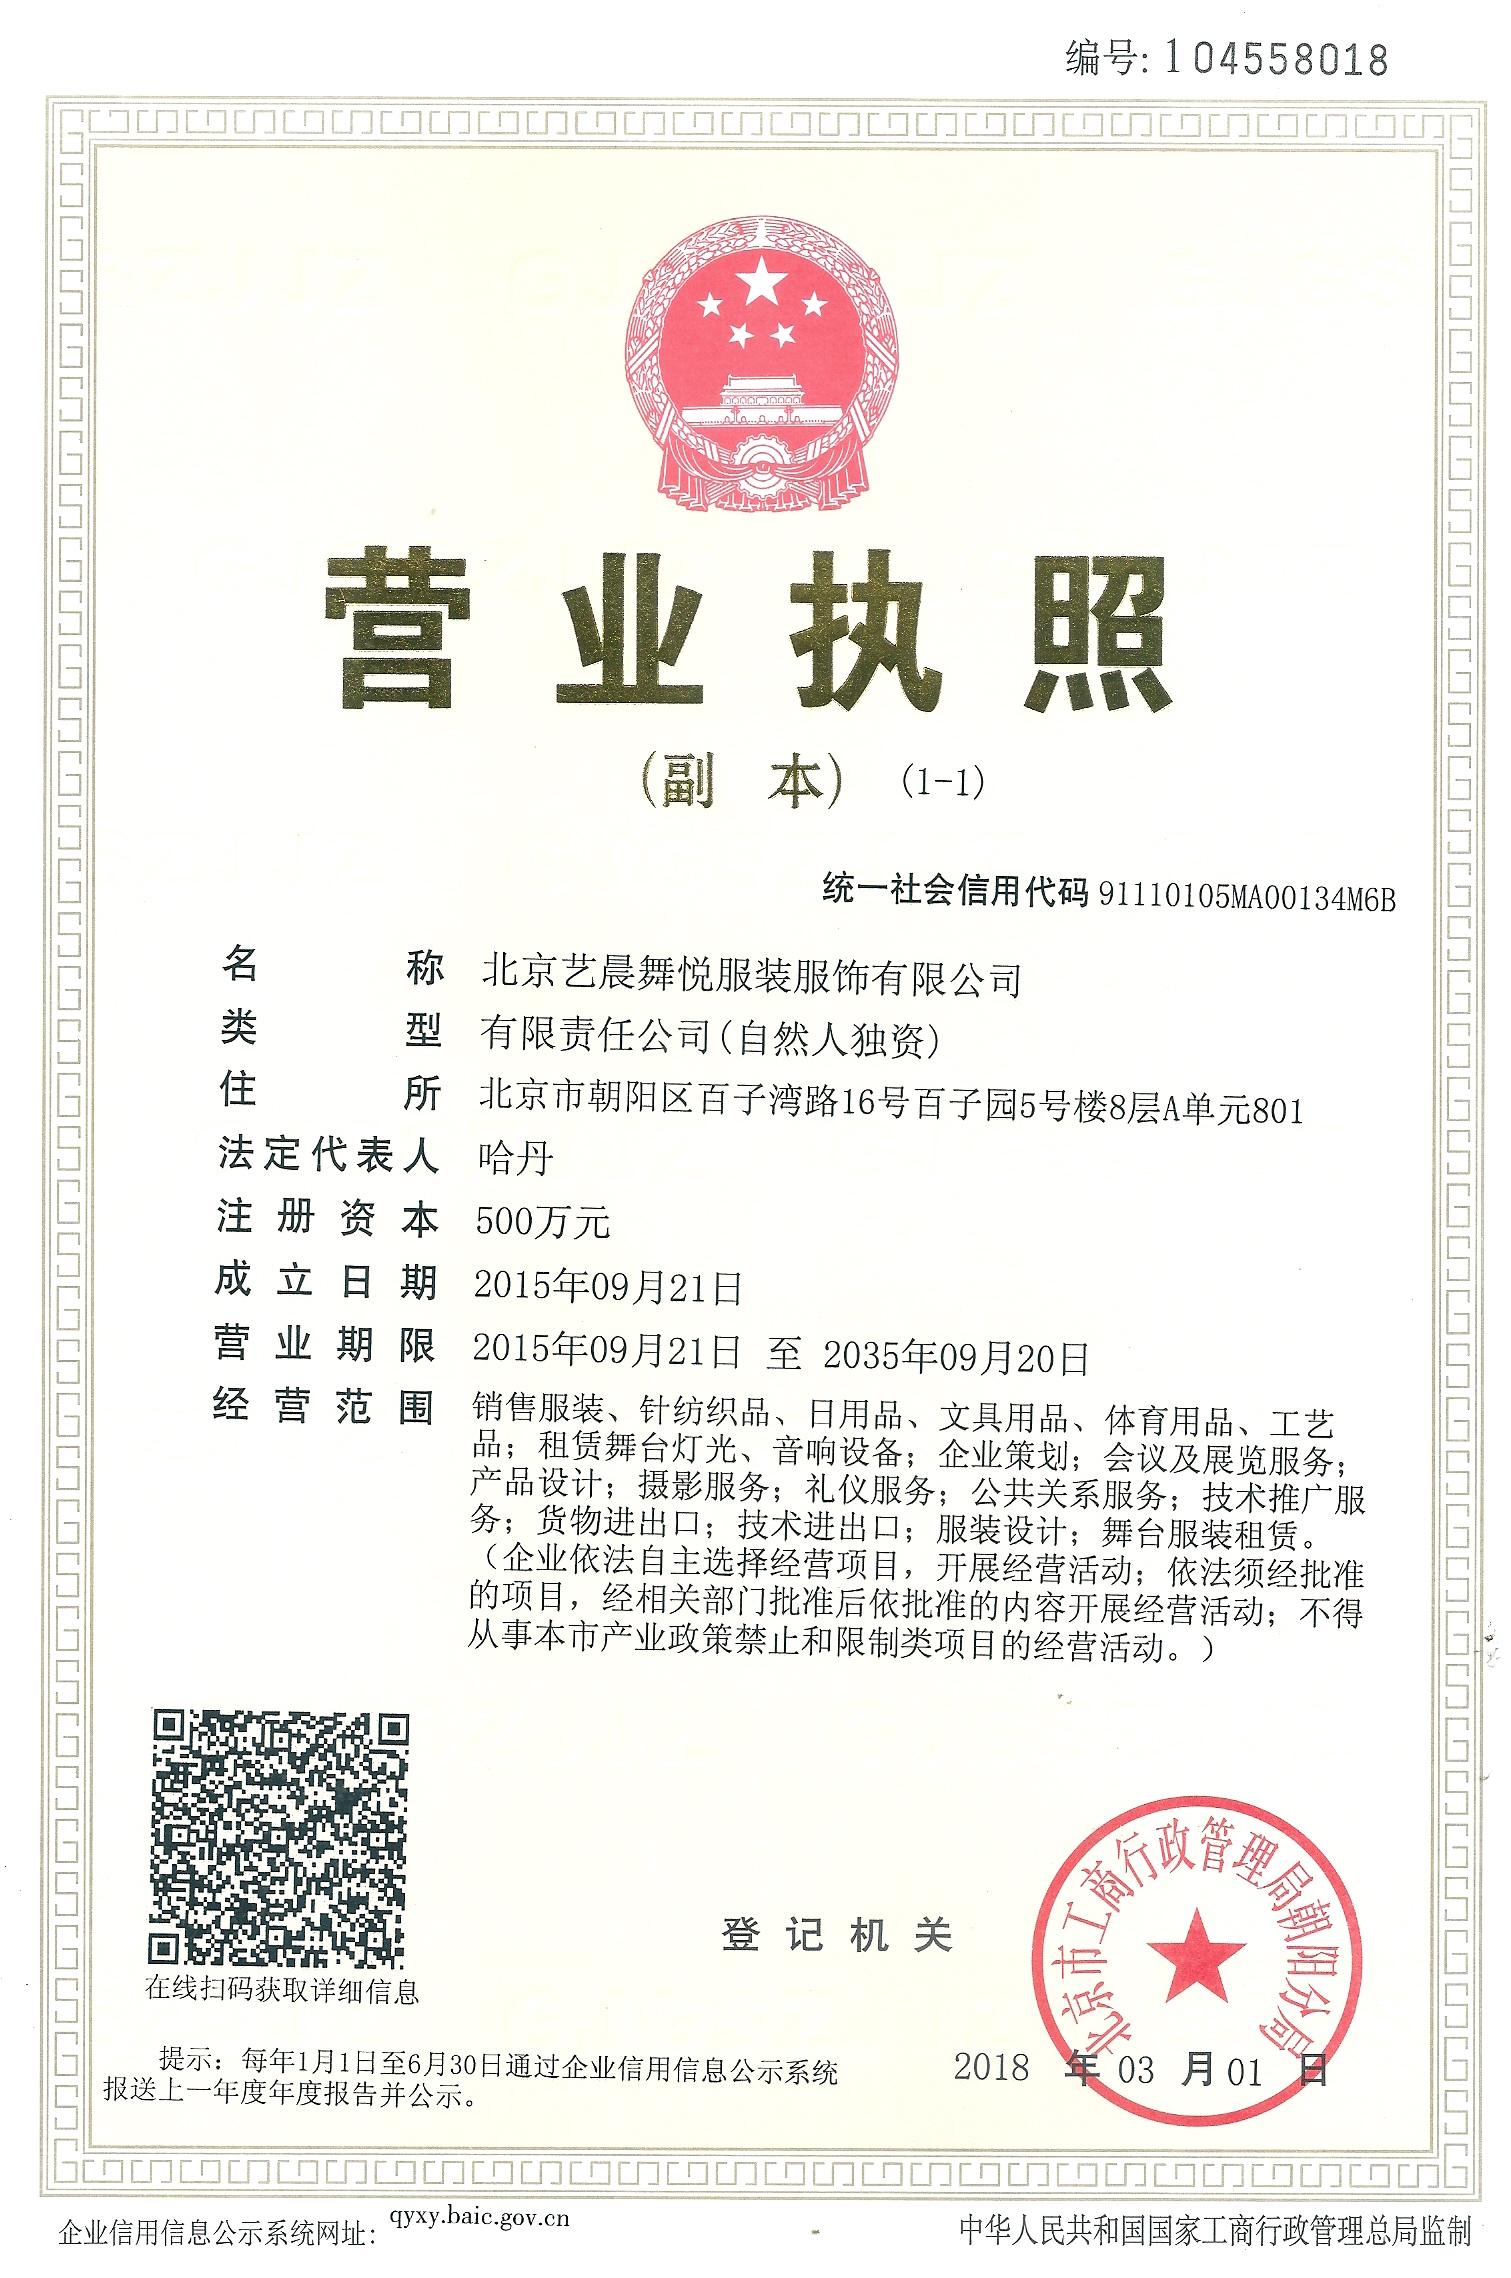 北京艺晨舞悦服装服饰有限公司形象图